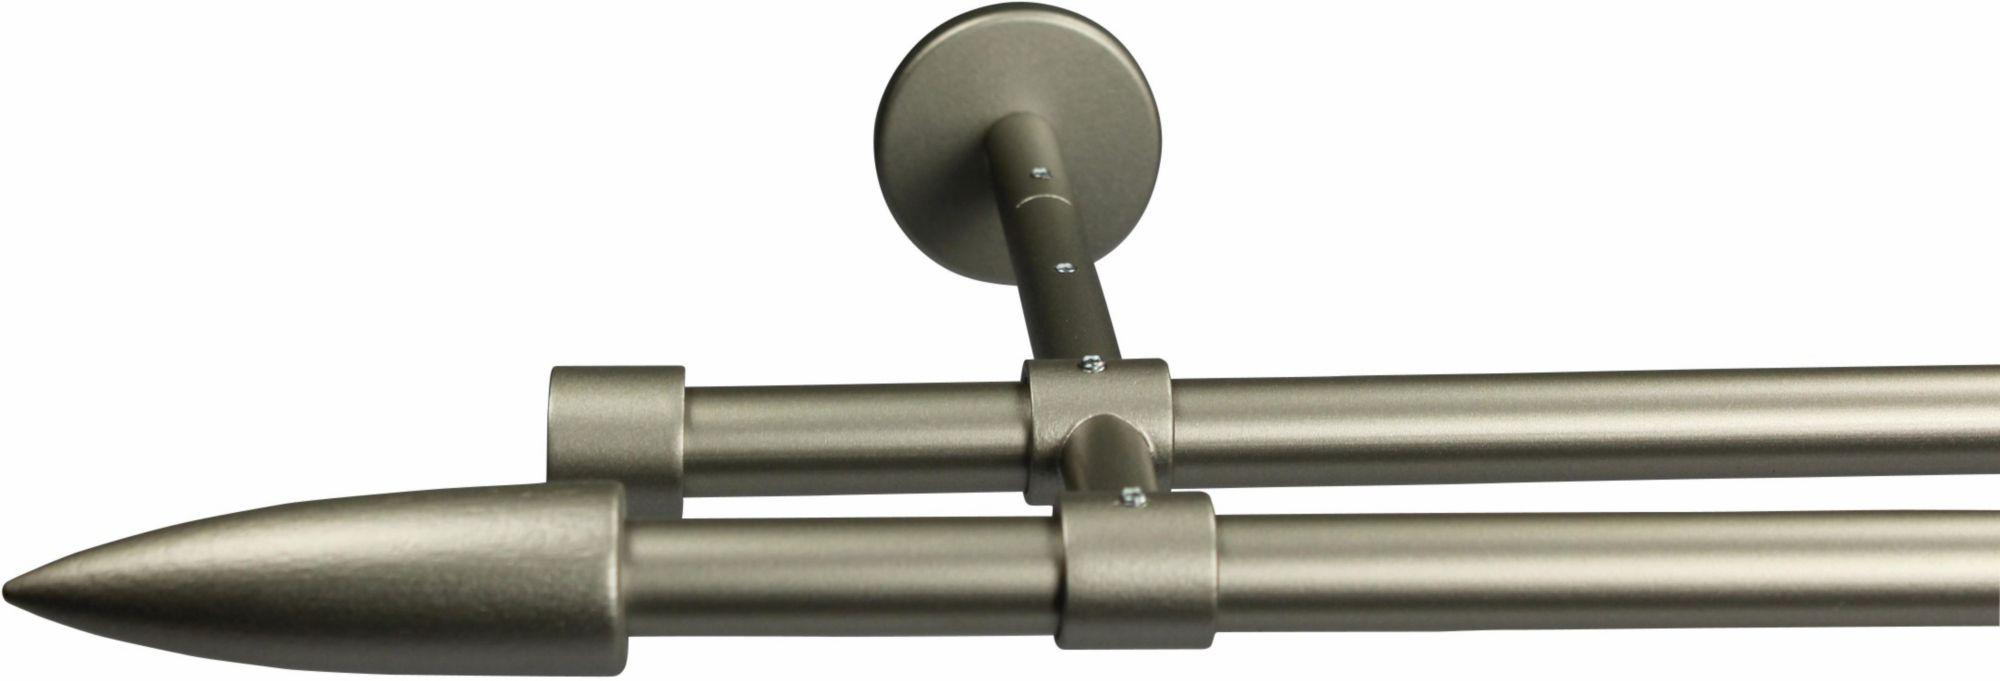 GARESA Gardinenstange 16 mm Speedy, ohne Ringe, mit geschlossenen Träger, nach Maß